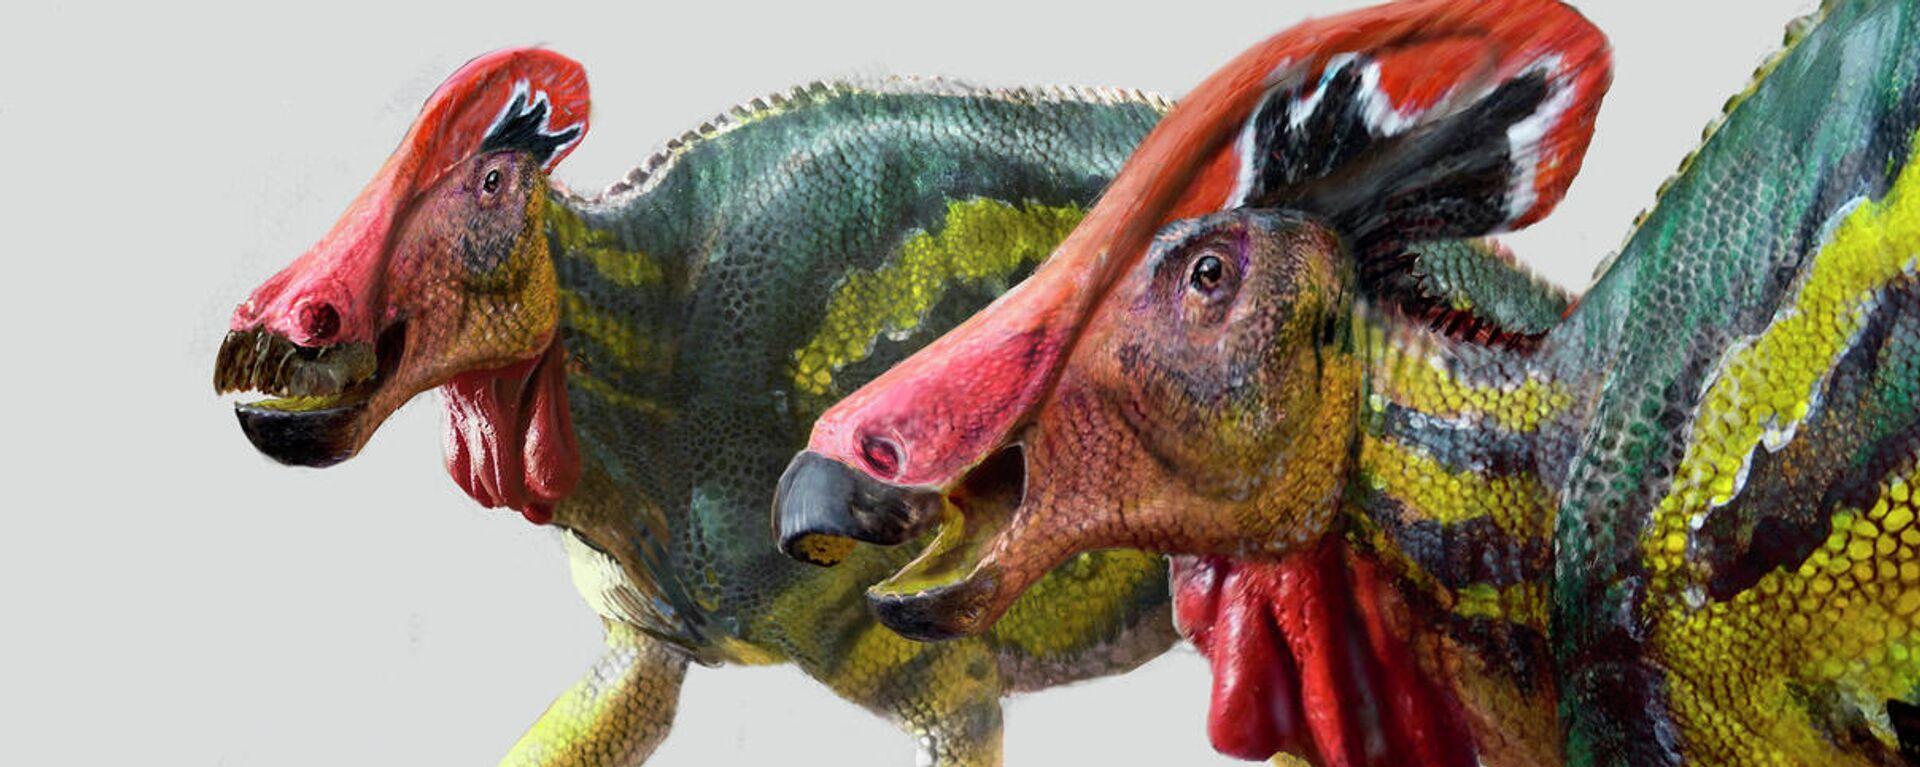 Tlatolophus galorum, una especie inédita de dinosaurio crestado identificada por científicos mexicanos - Sputnik Mundo, 1920, 14.05.2021